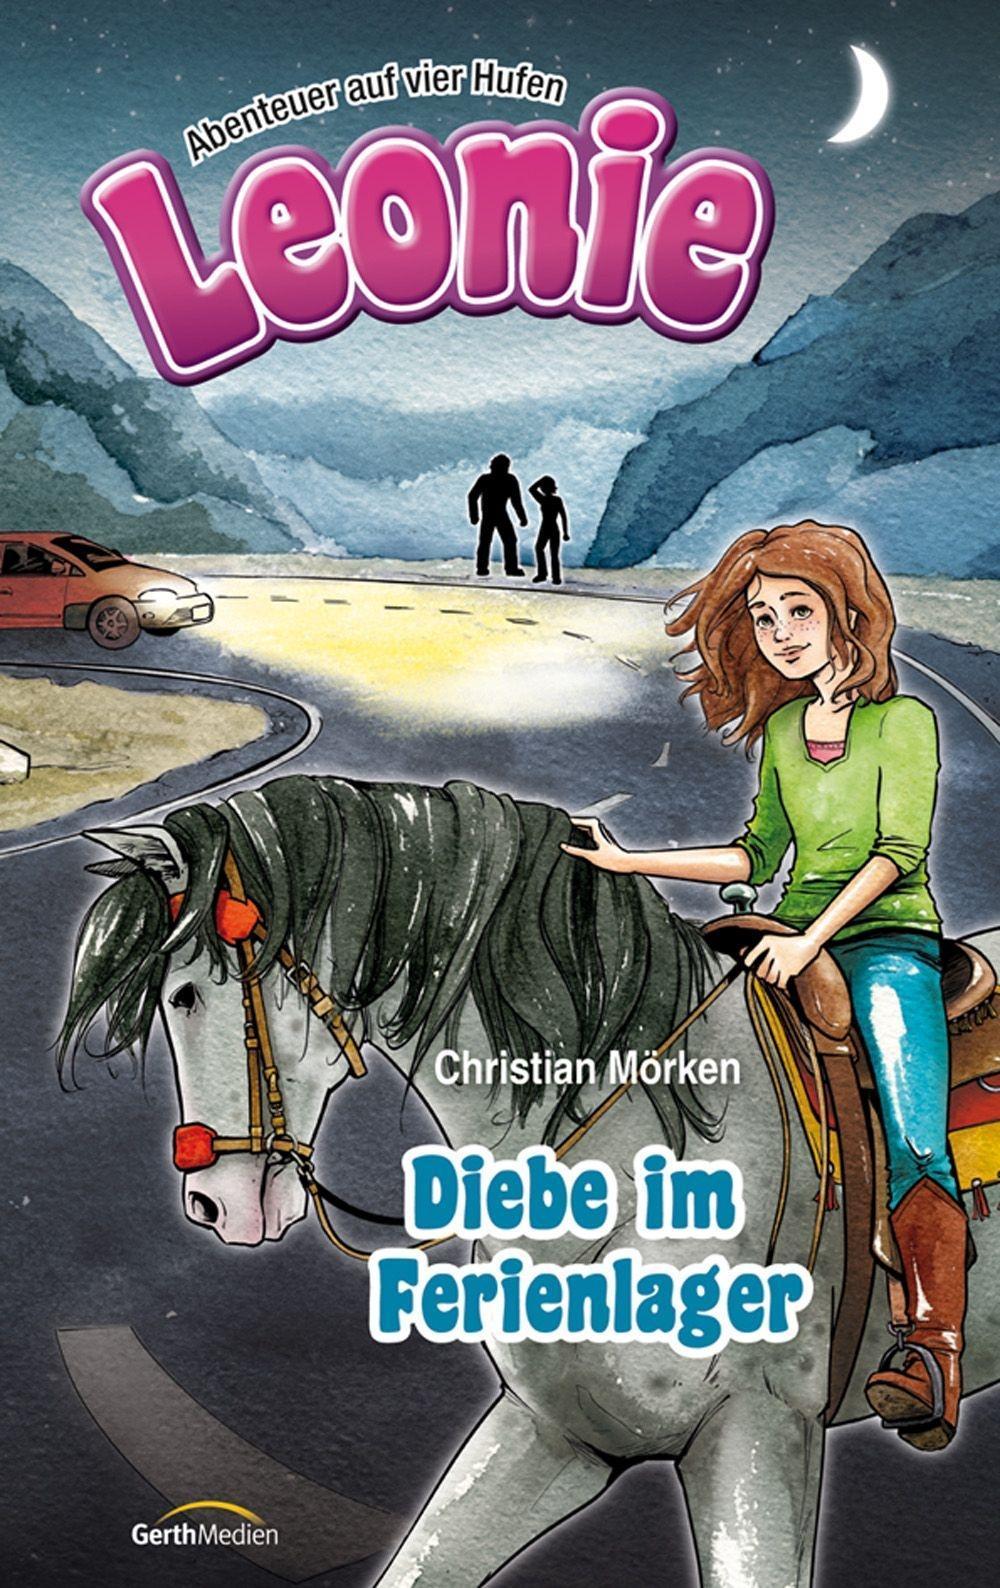 Christian Mörken ~ Leonie: Diebe im Ferienlager 9783865919151